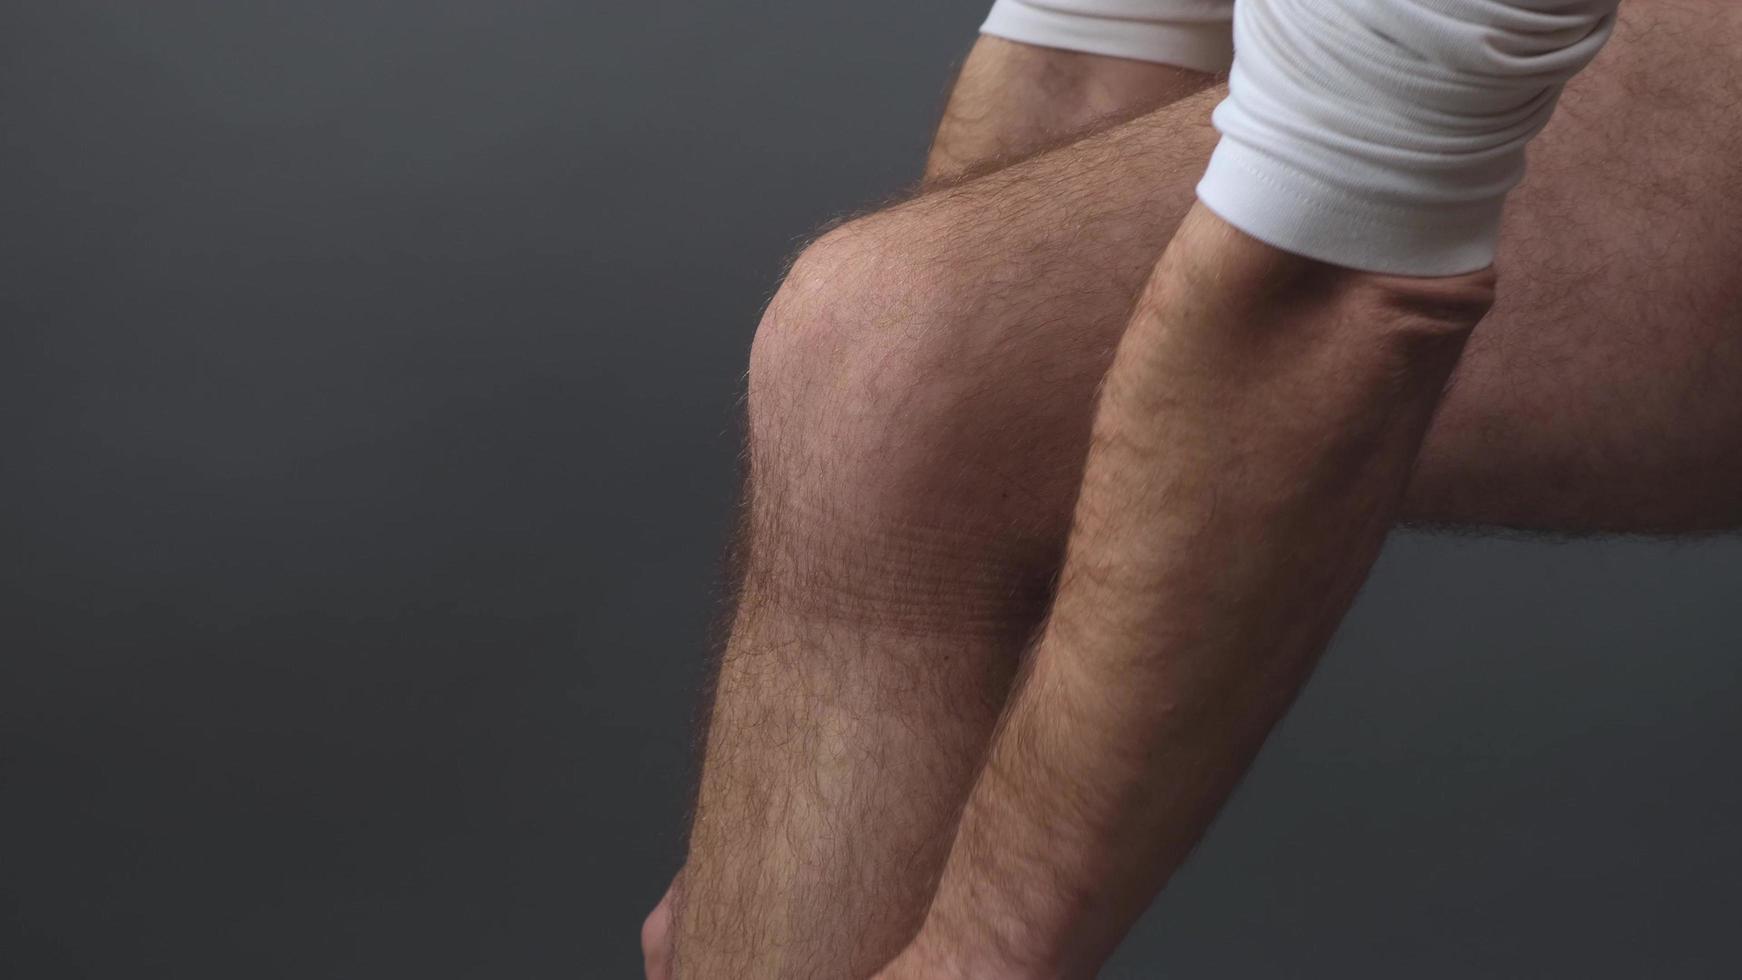 un homme met un pansement sur sa jambe quand les entorses photo